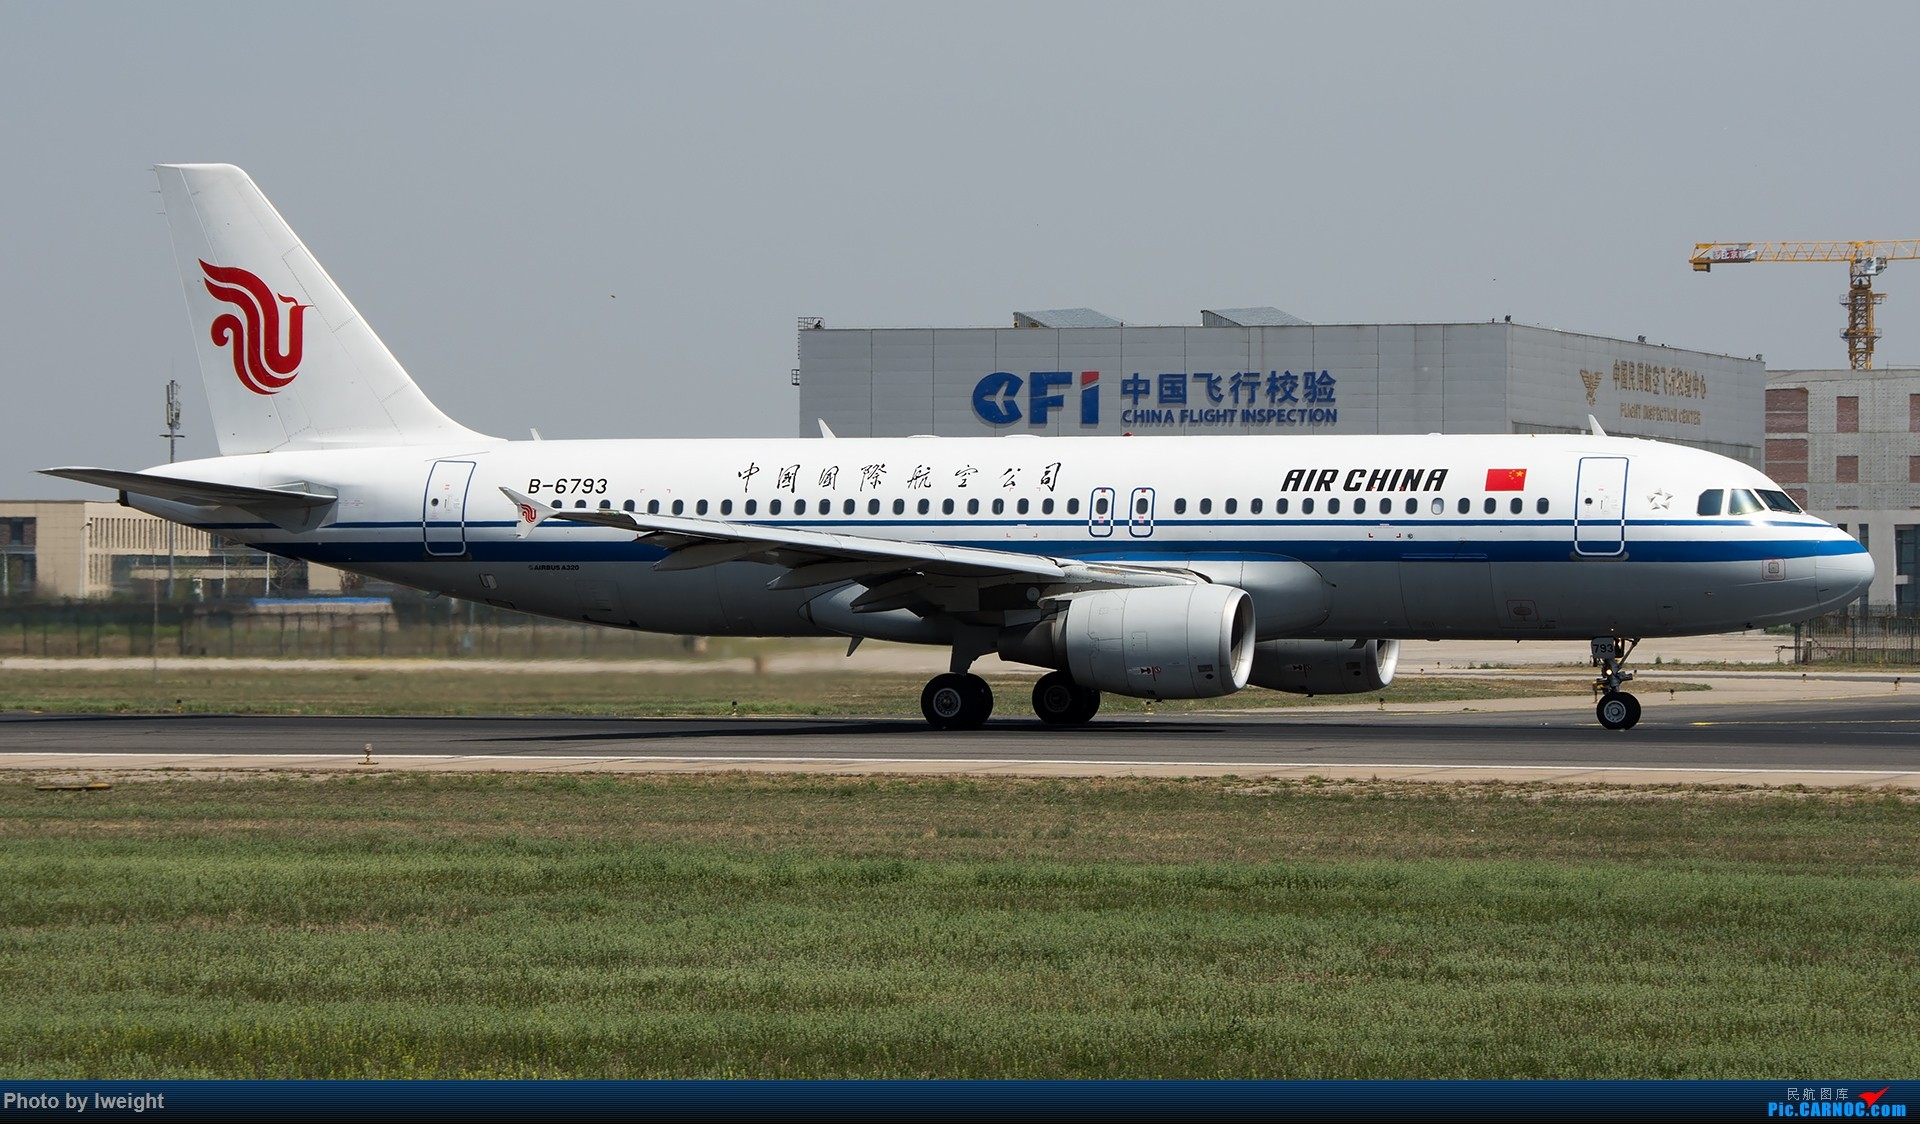 Re:[原创]天气晴朗,继续守候18R【多图】 AIRBUS A320-200 B-6793 中国北京首都国际机场